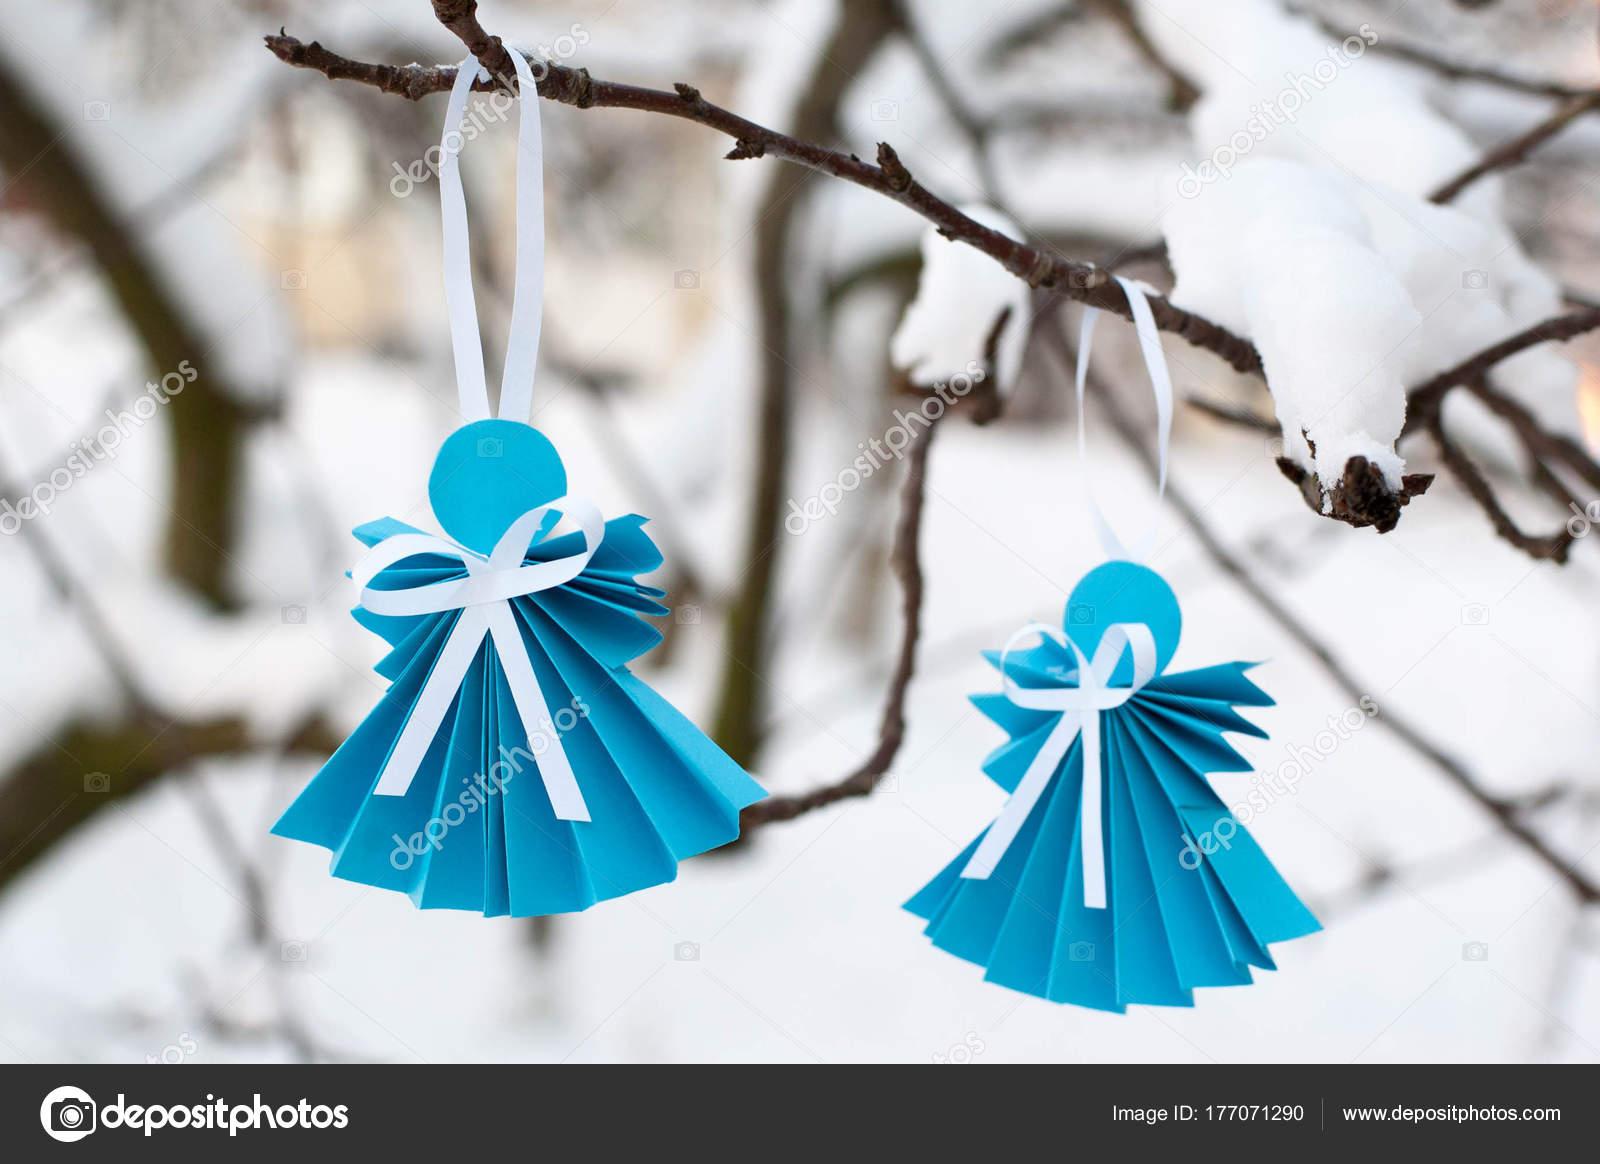 Angeli Di Carta Sulla Filiale Con Neve Foto Stock Siaivo 177071290